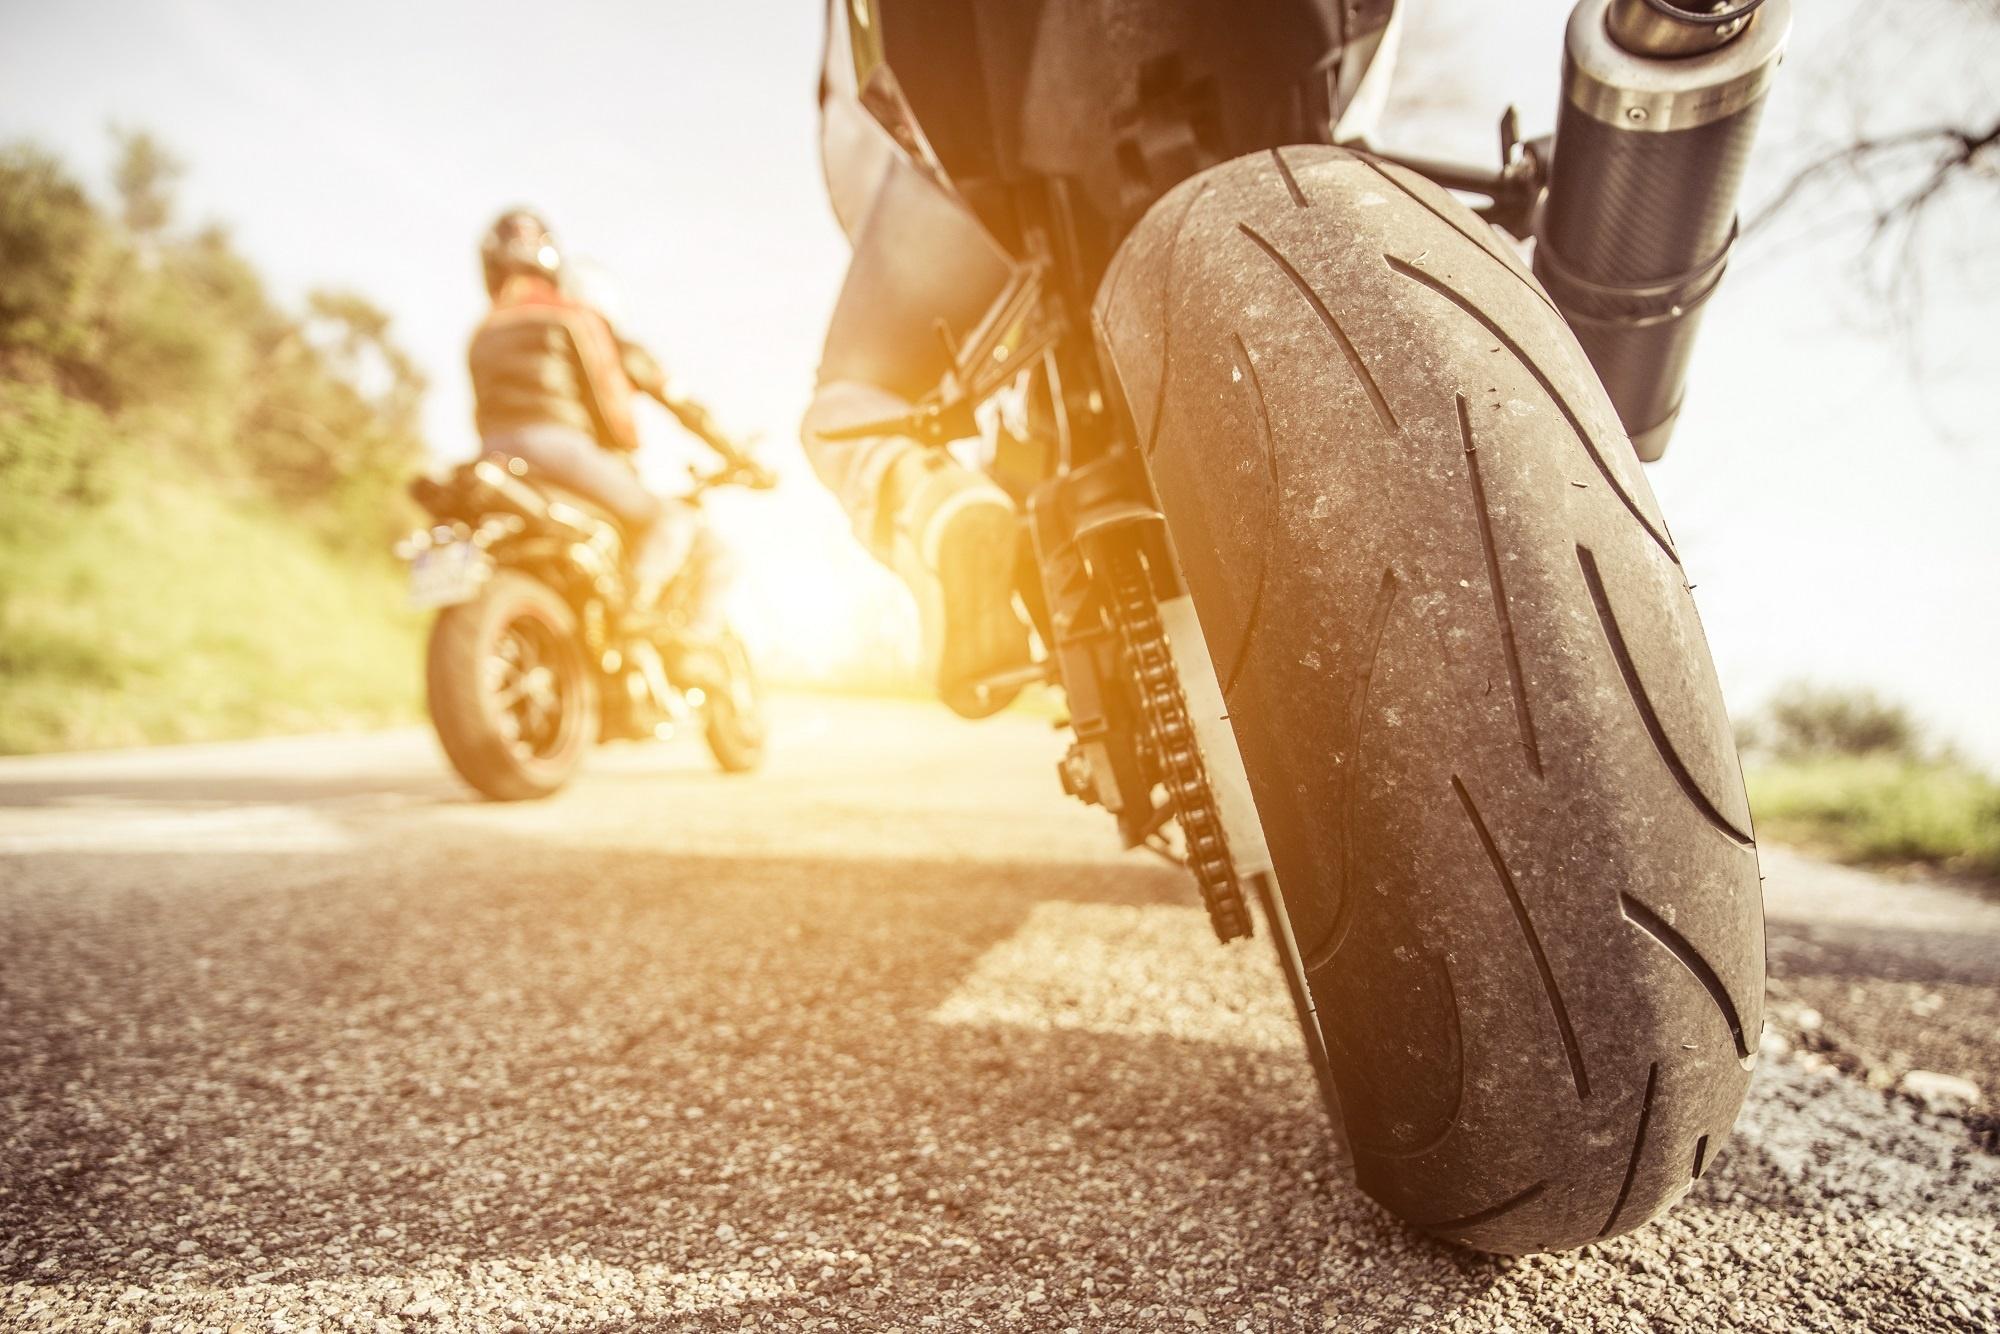 Permis moto A2 en accéléré 4 jours FAMILY PERMIS à LA CIOTAT (13600)